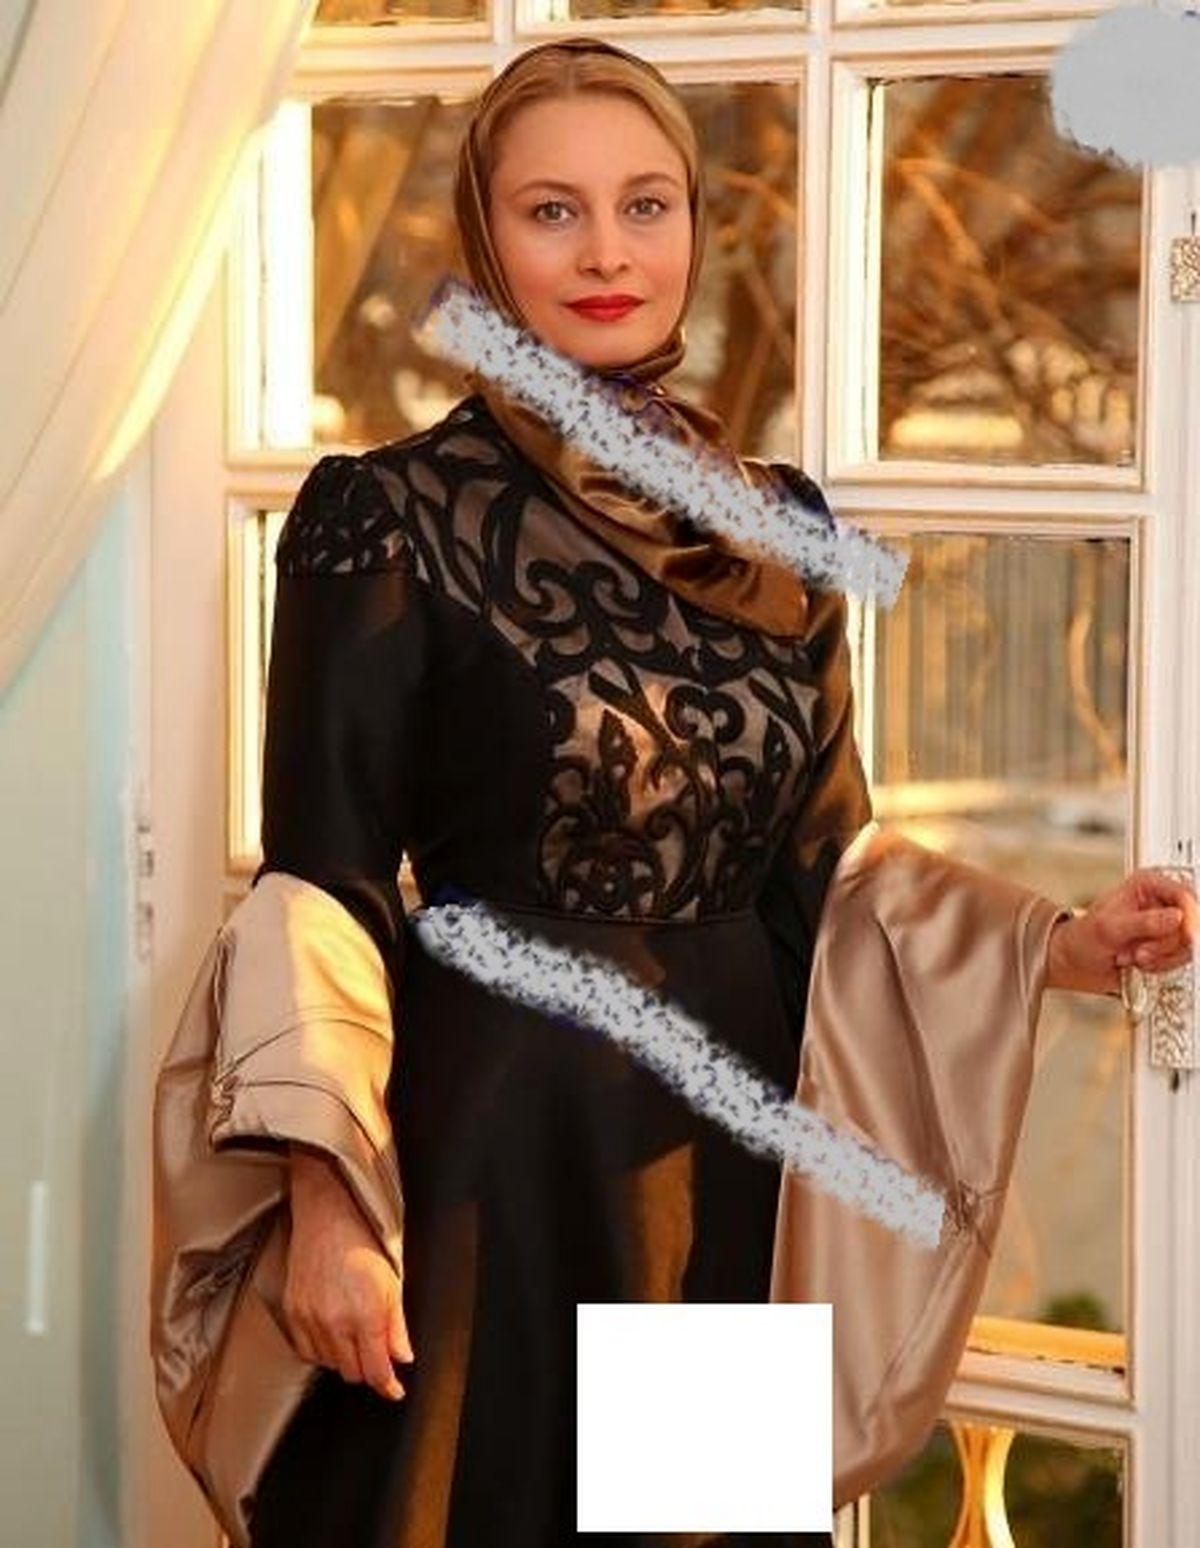 لباس توری مریم کاویانی بعد از ازدواج با آقای سفیر+عکس